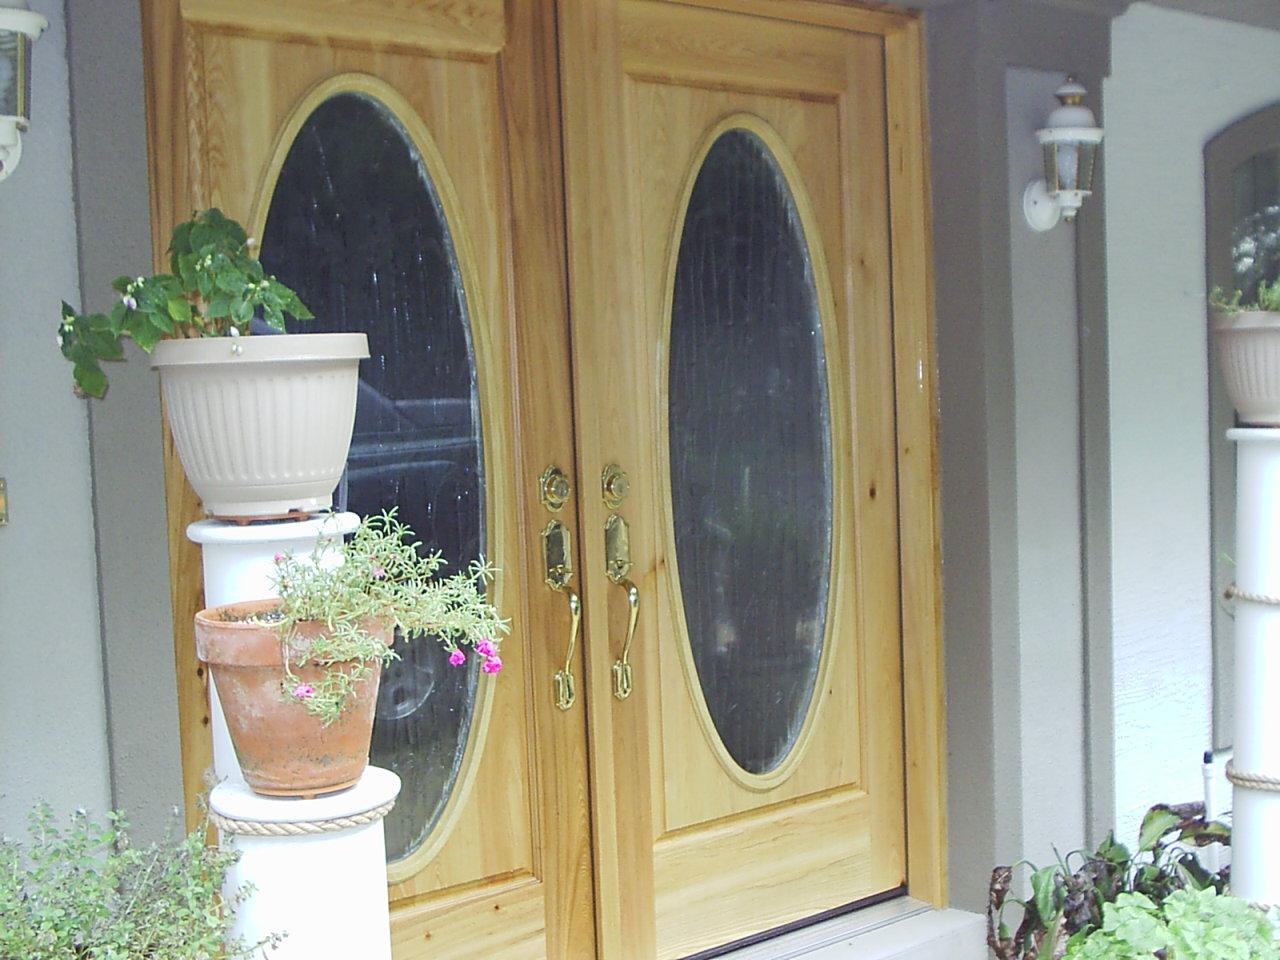 960 #8B7D40 Franker Enterprises Inc. :: Cypress Front Doors   CLICK  pic Cypress Exterior Doors 45511280